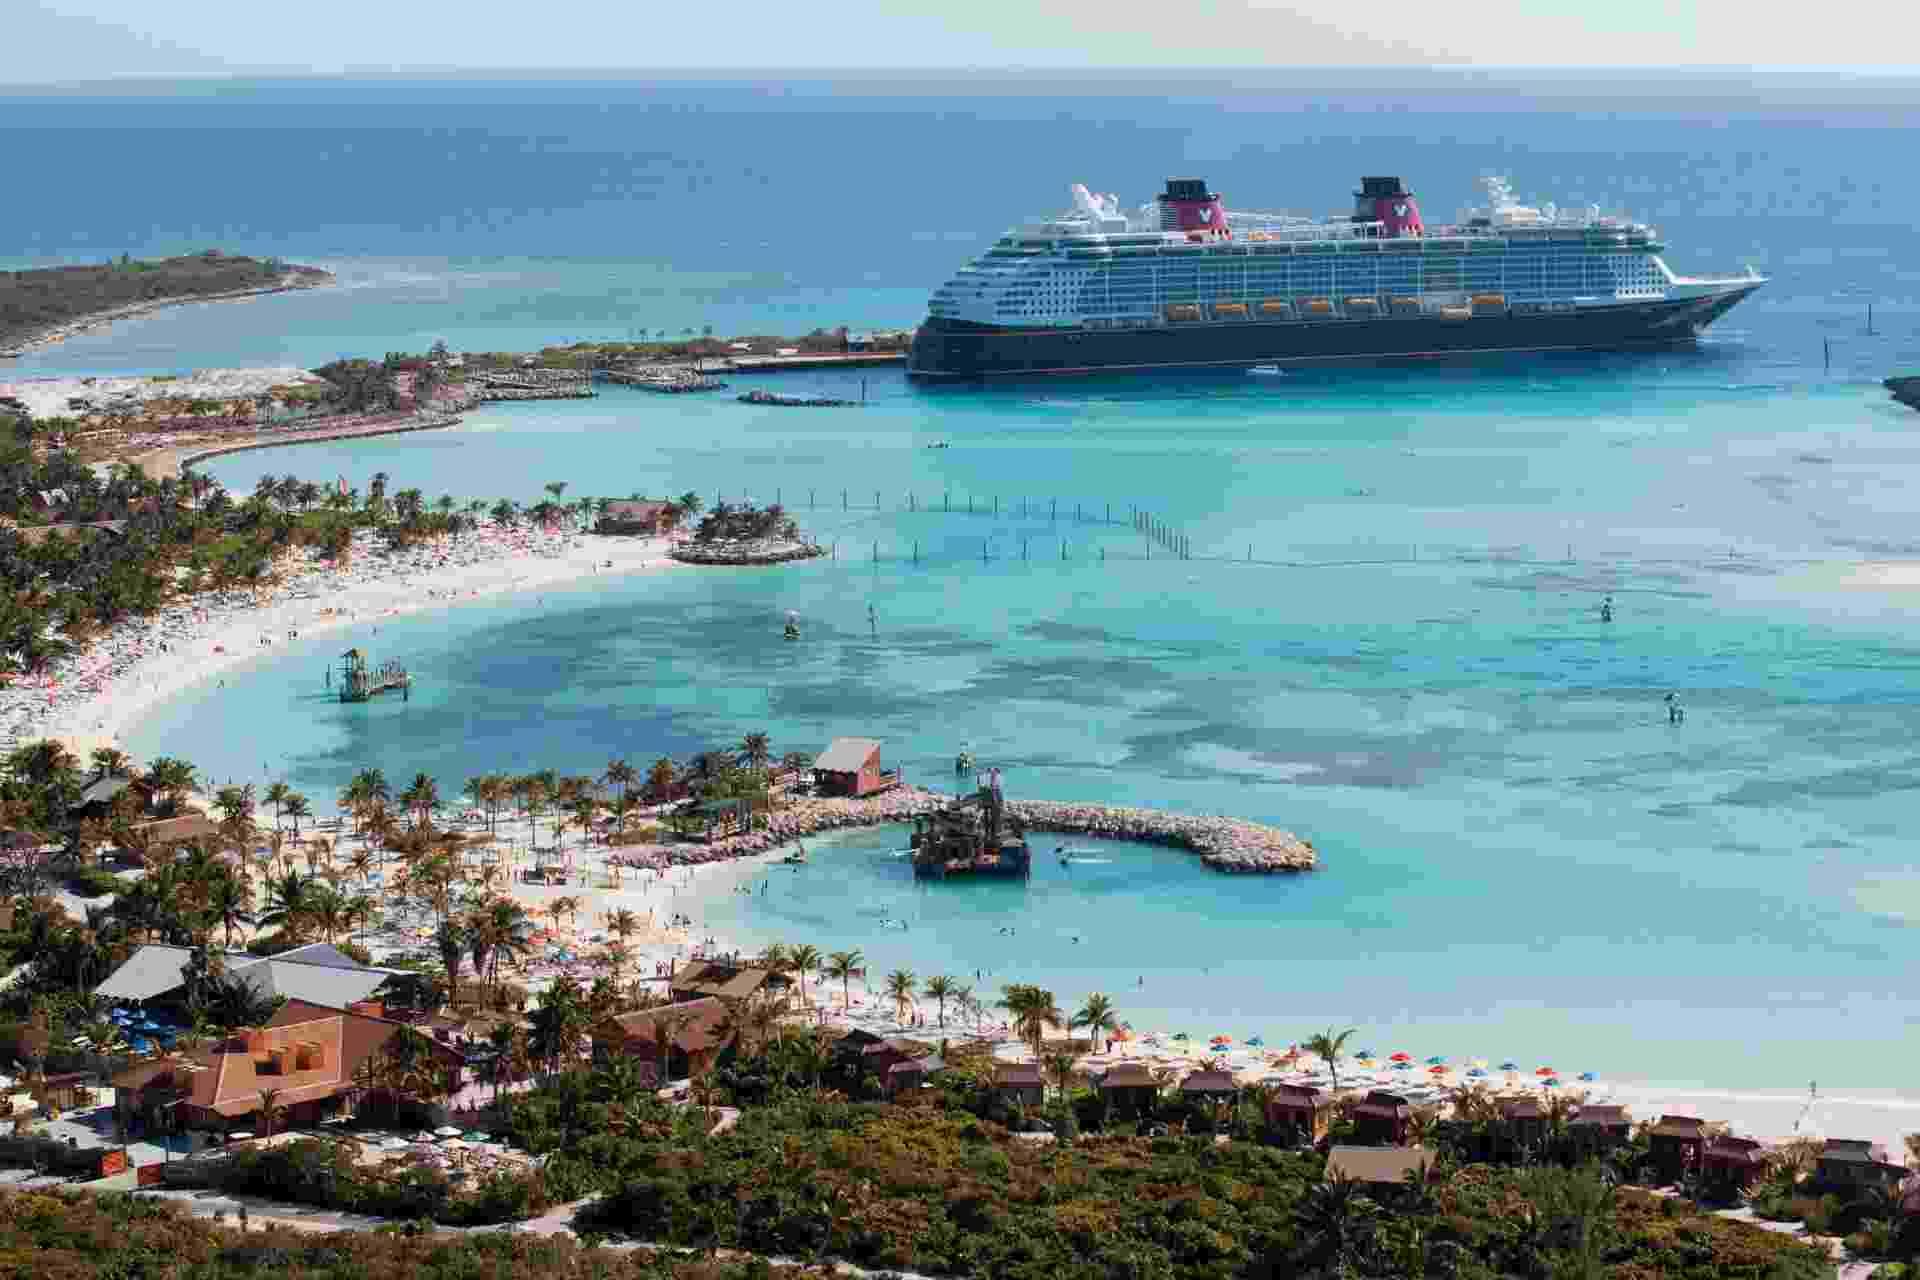 Vista do navio The Disney Dream atracado em Castaway Cay,ilha exclusiva para os passageiros dos cruzeiros da Disney - David Roark/Divulgação